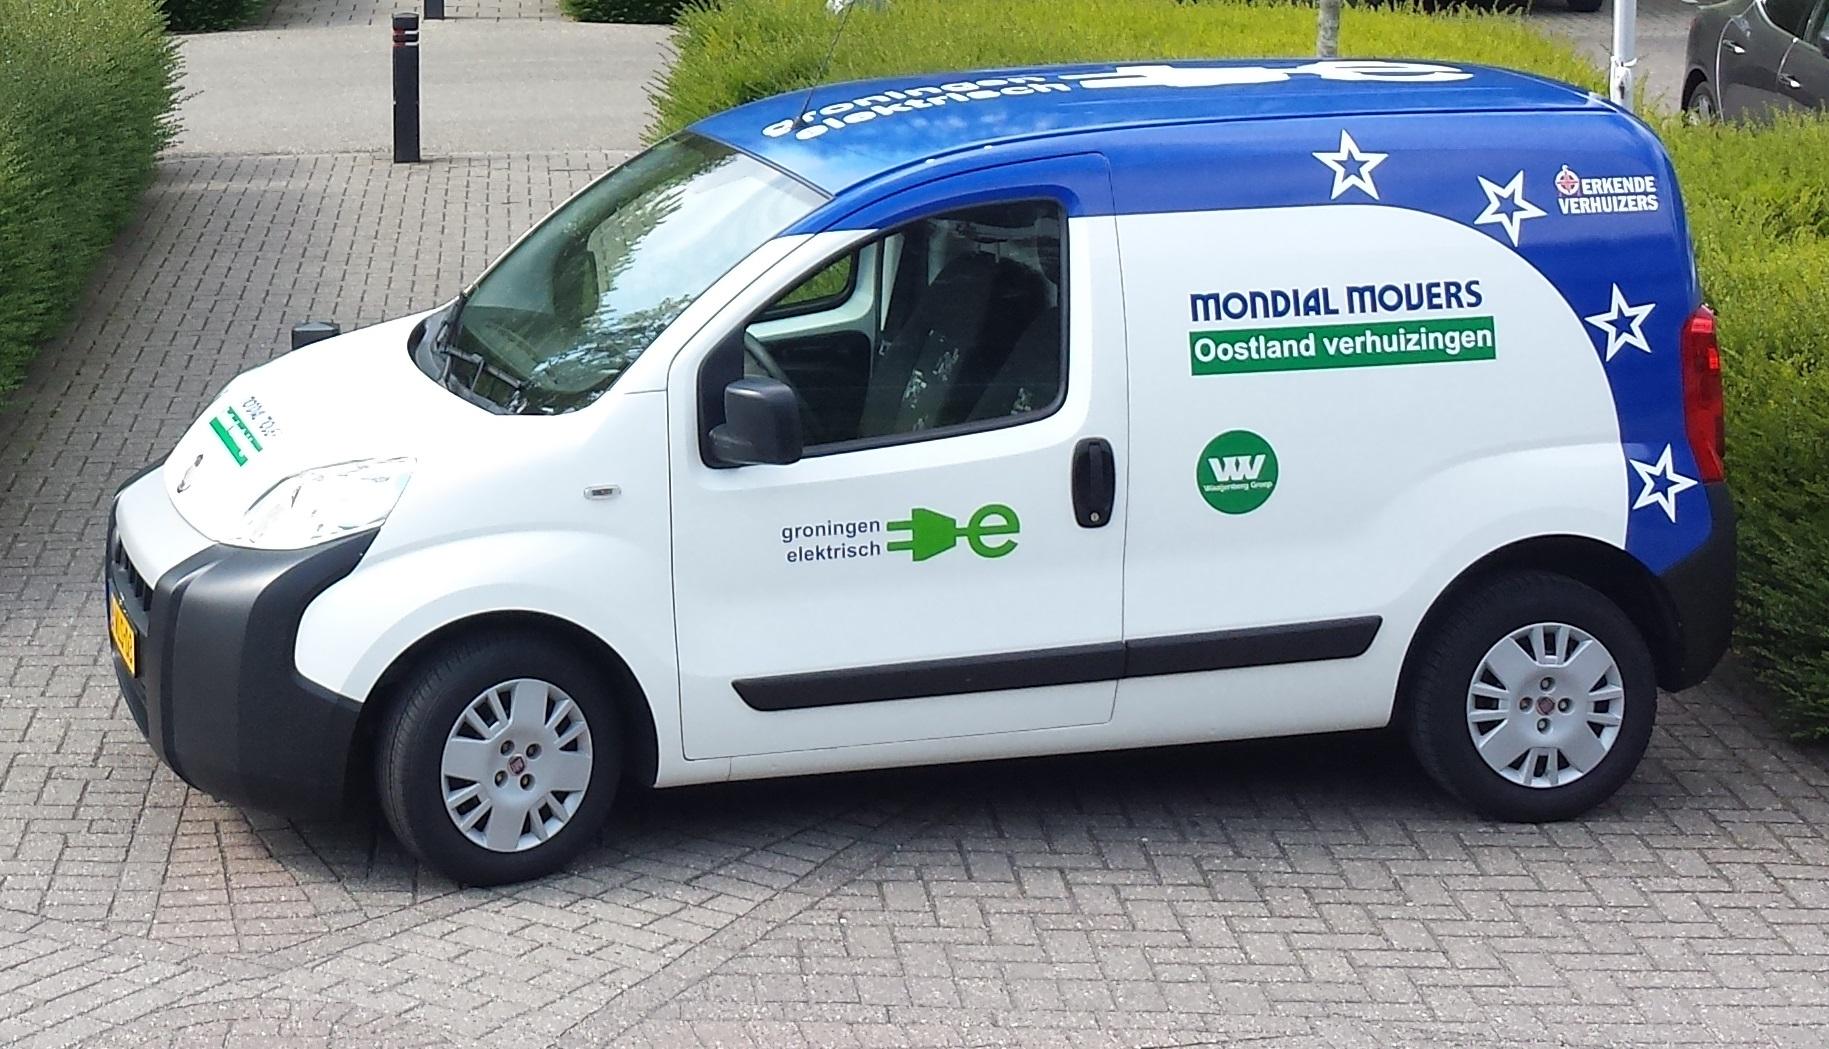 Groningen Elektrisch verhuizen Mondial